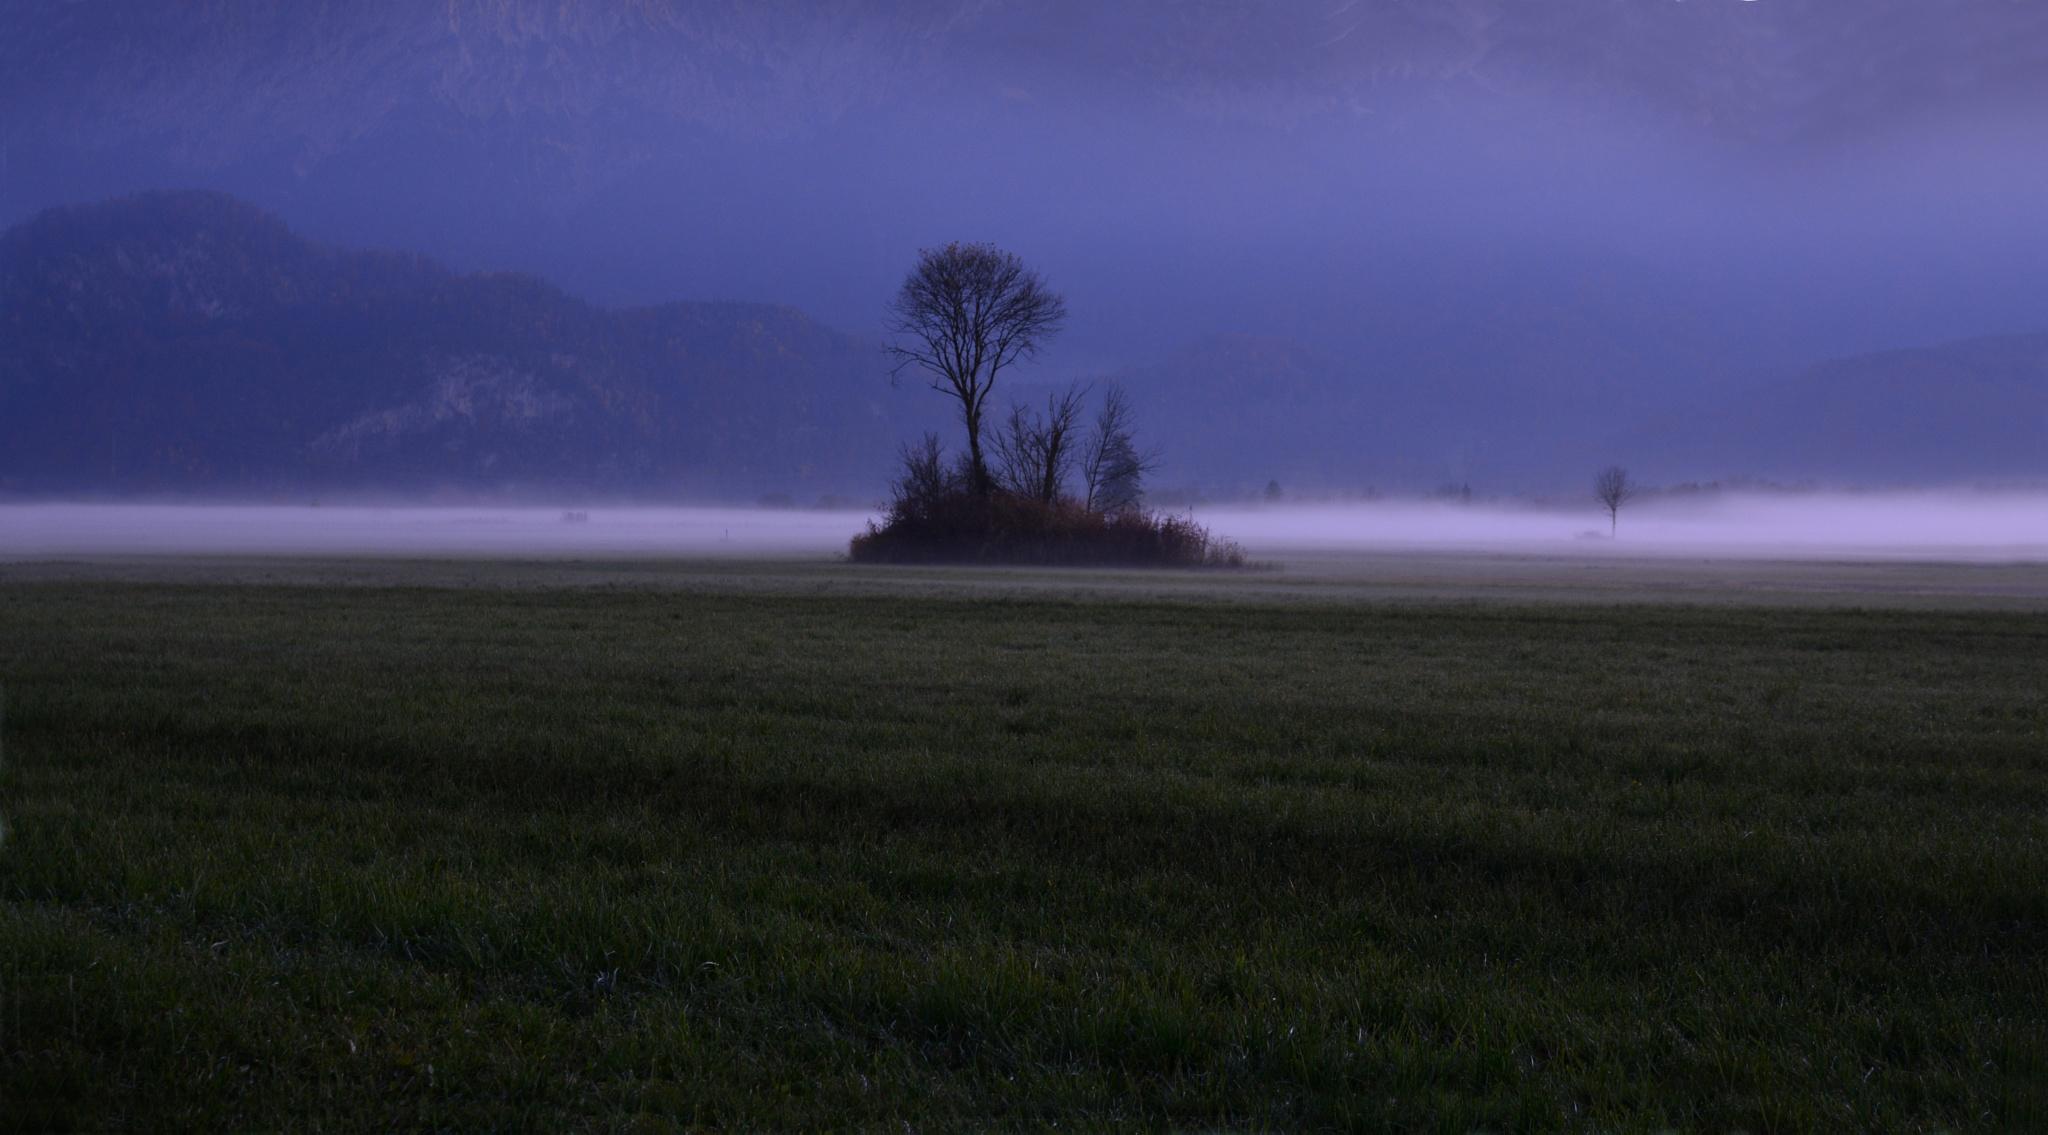 Dream Island by IoΑννα Φωτοgraphy